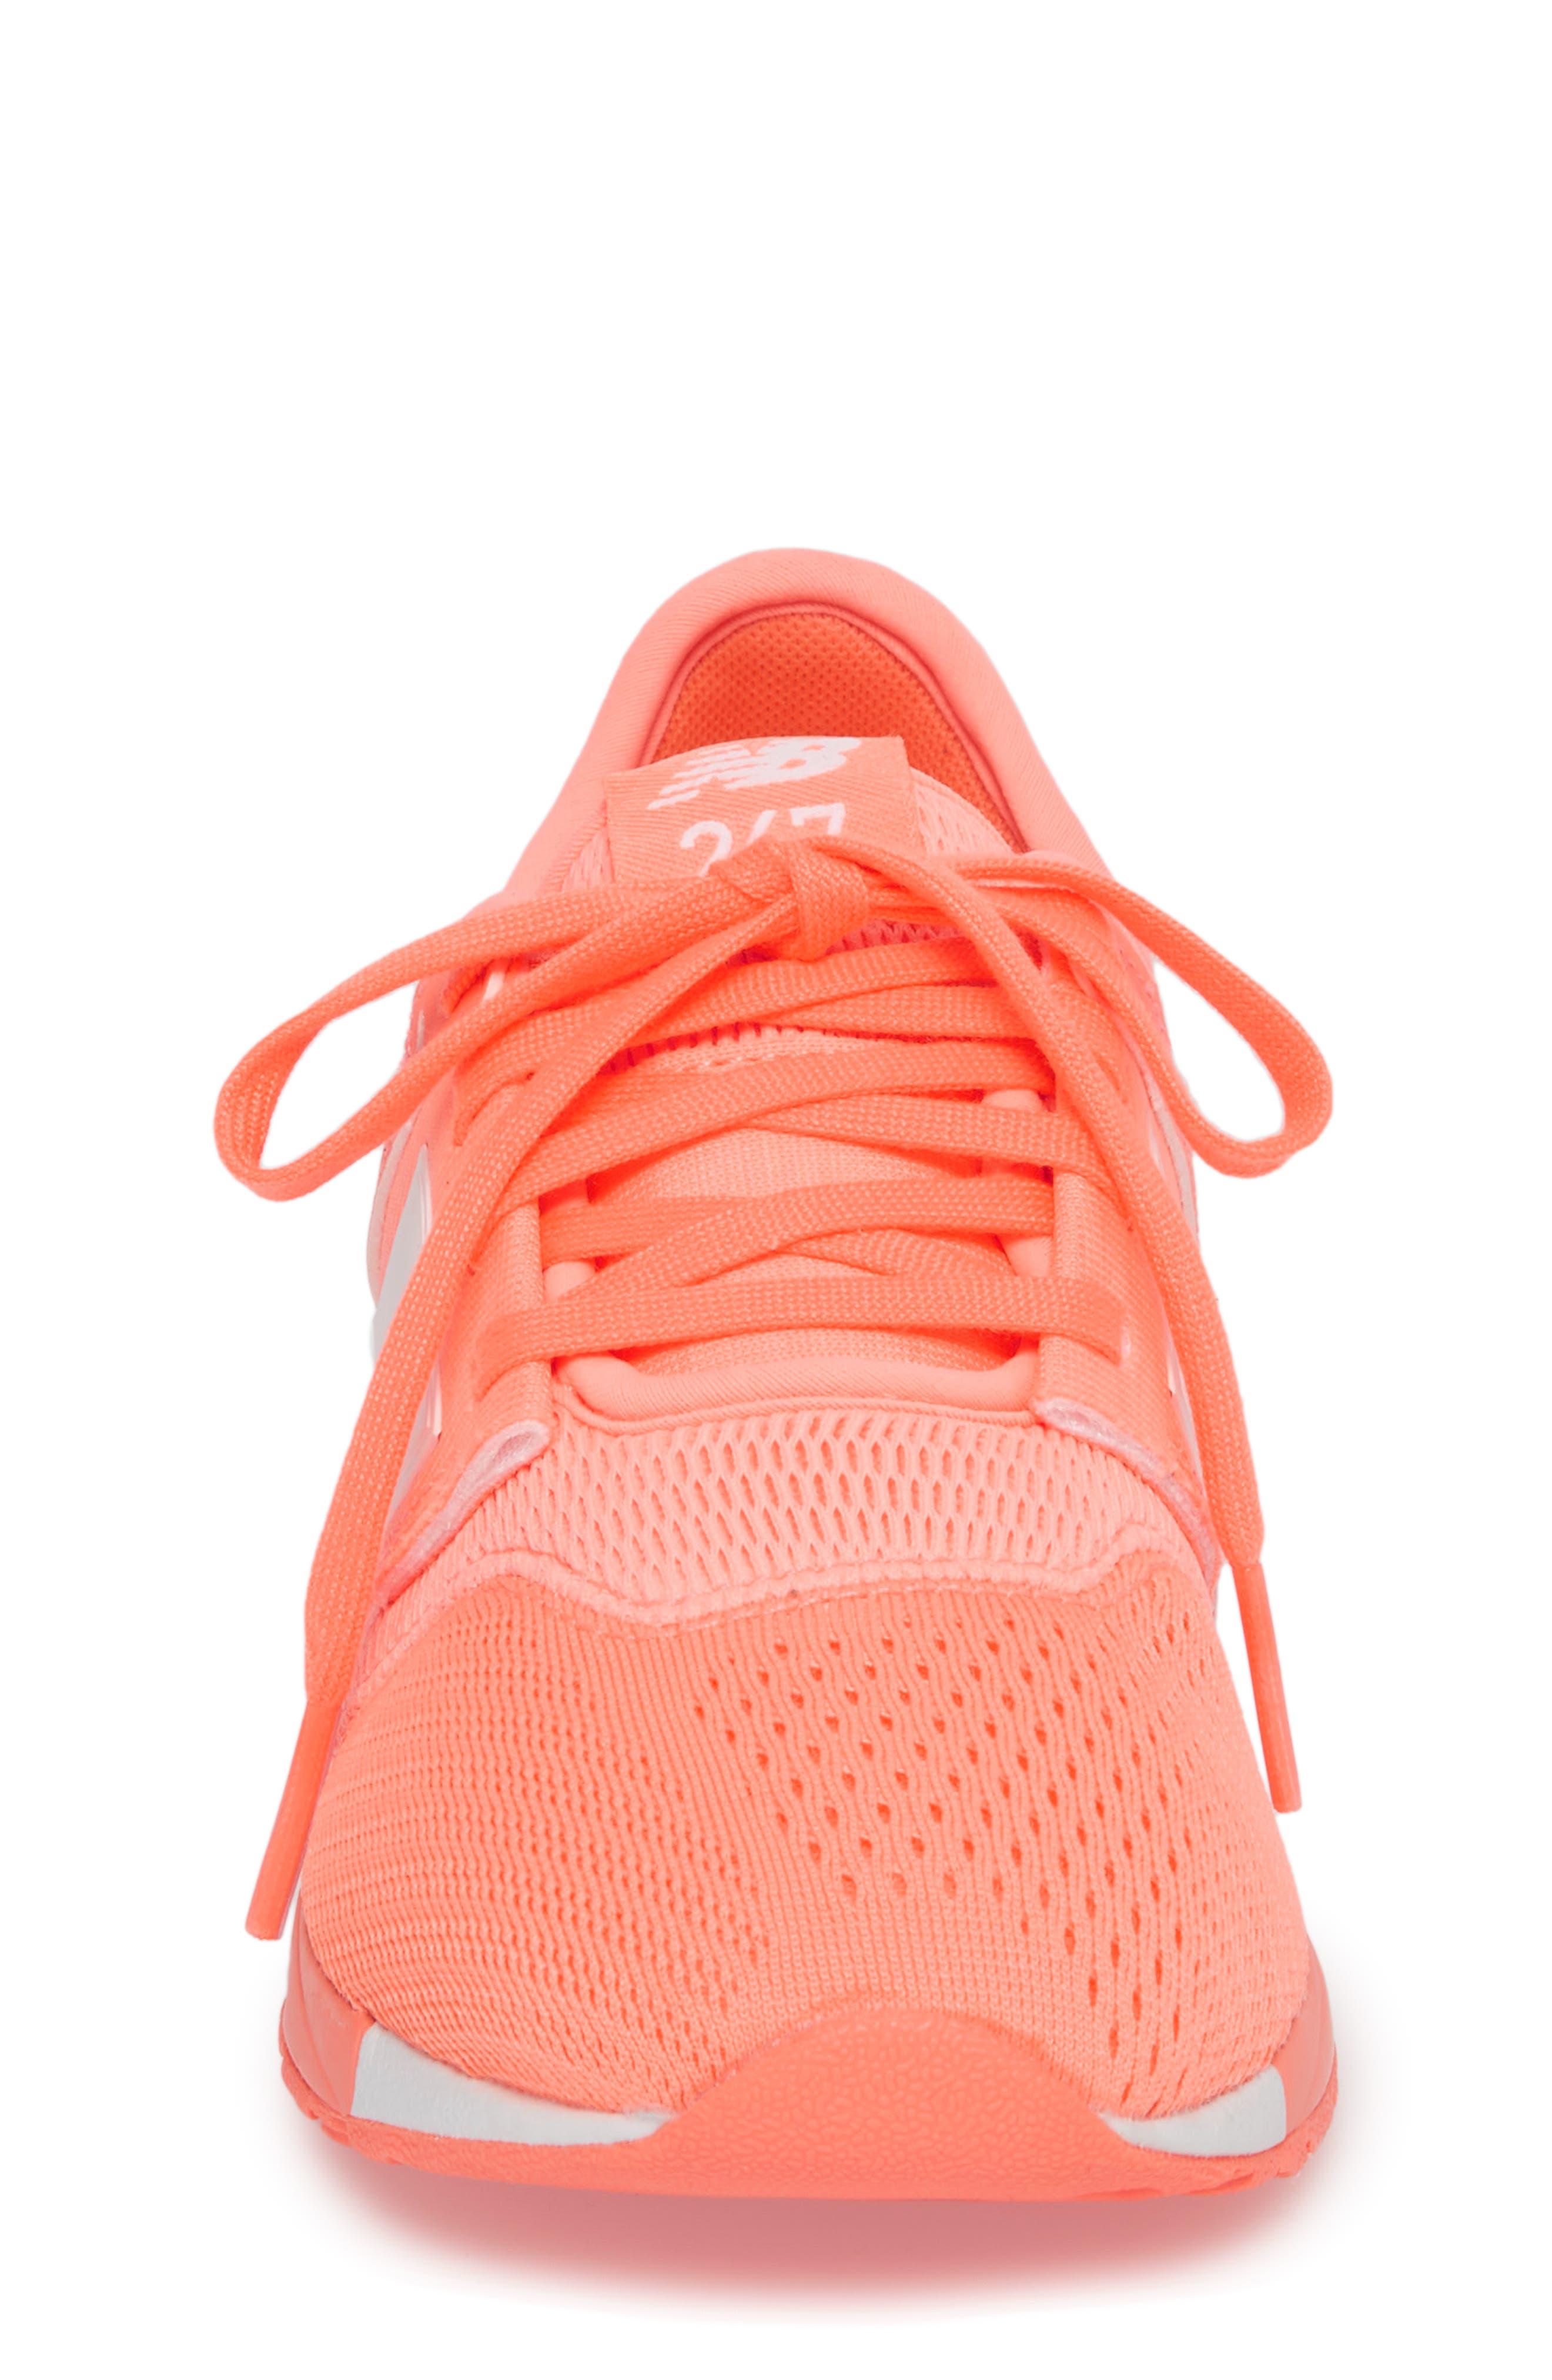 247 Sport Sneaker,                             Alternate thumbnail 4, color,                             653